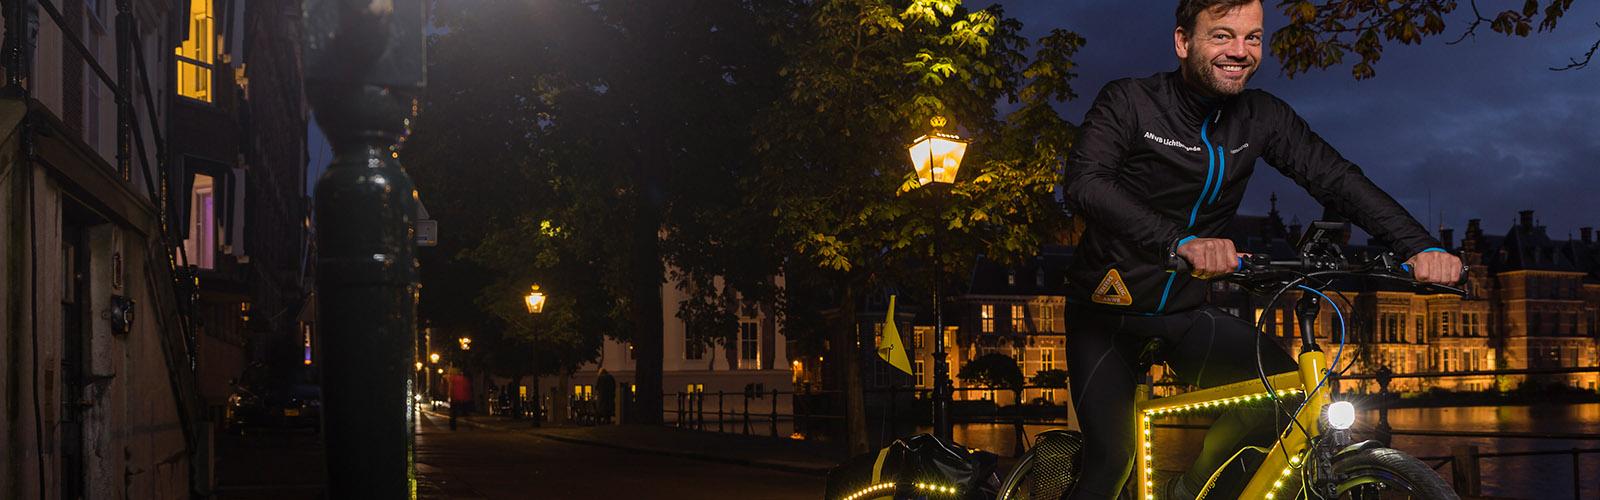 Samen uit. Samen thuis. Met de Nachtfietser. #lichtaan